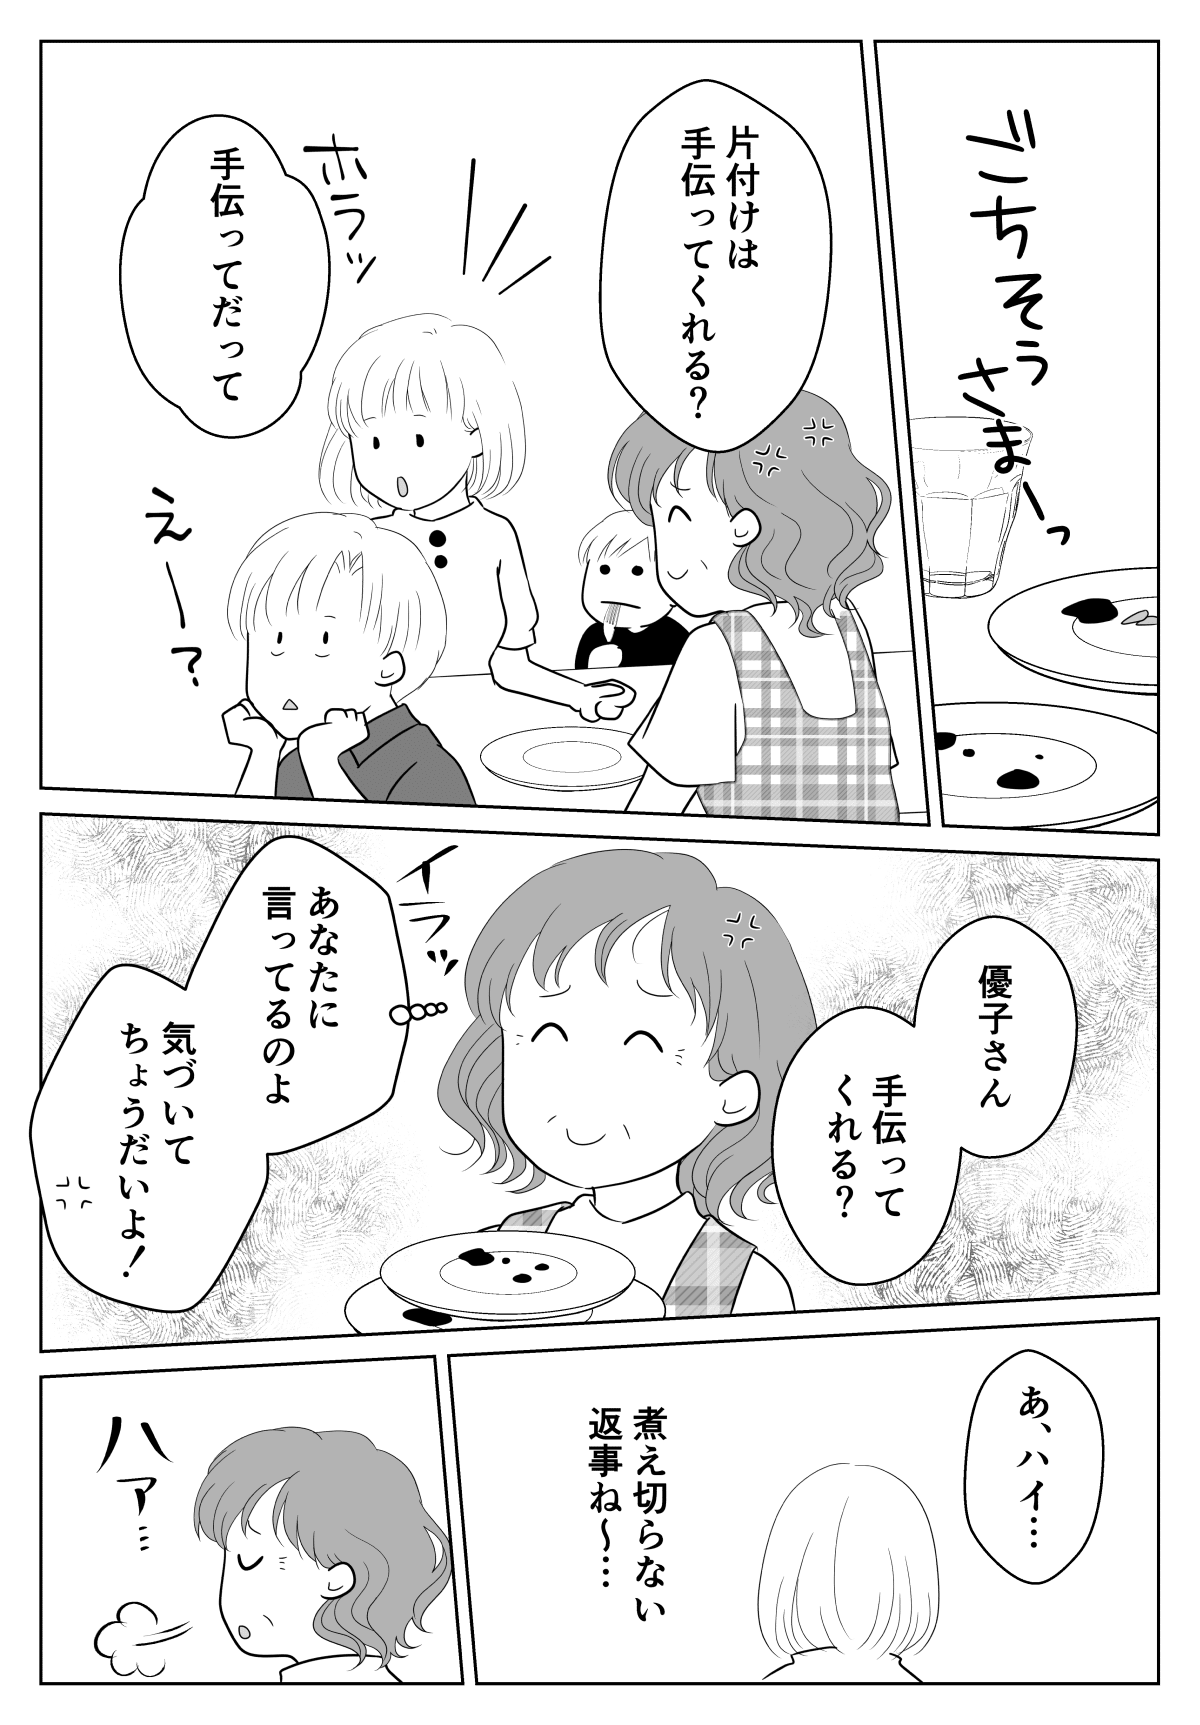 【SIDE姑】2